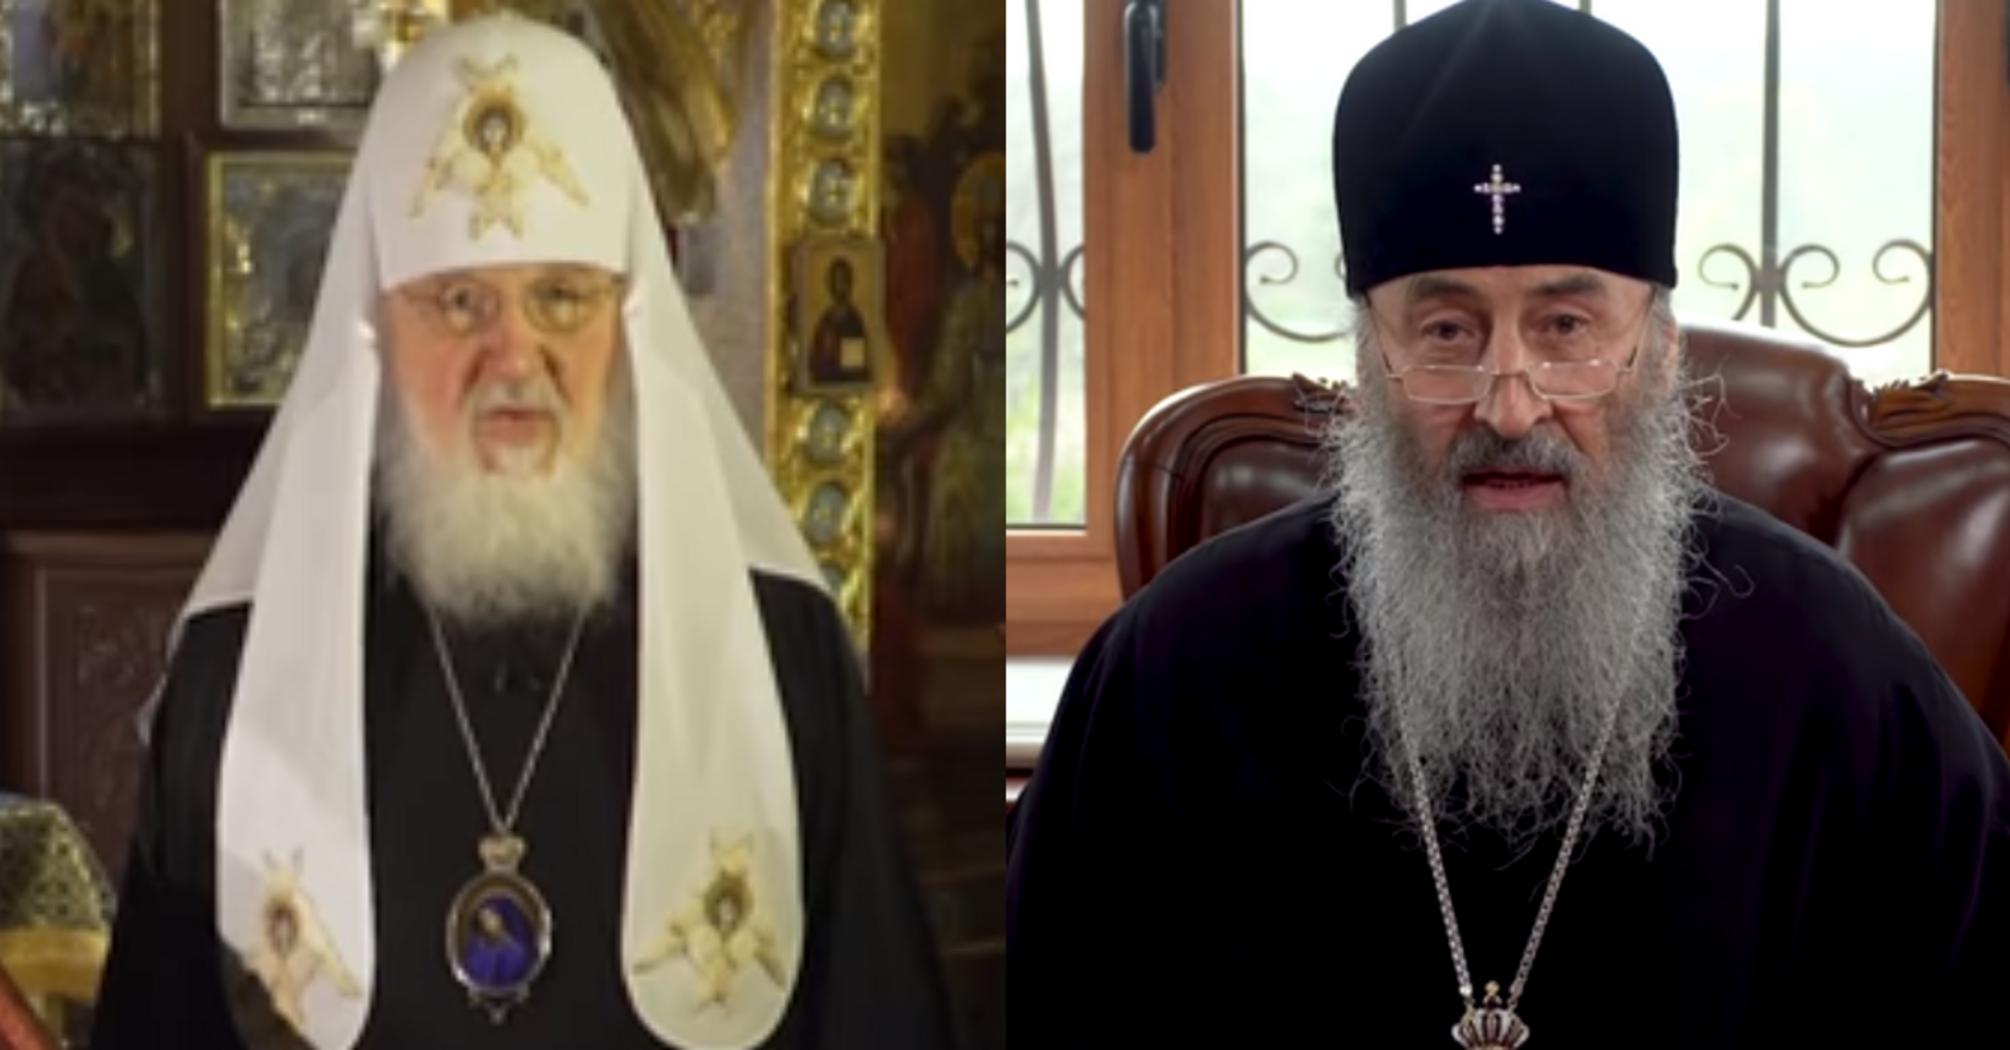 РПЦ в Росії закликало сидіти вдома, а Московський патріархат в Україні - йти до церкви